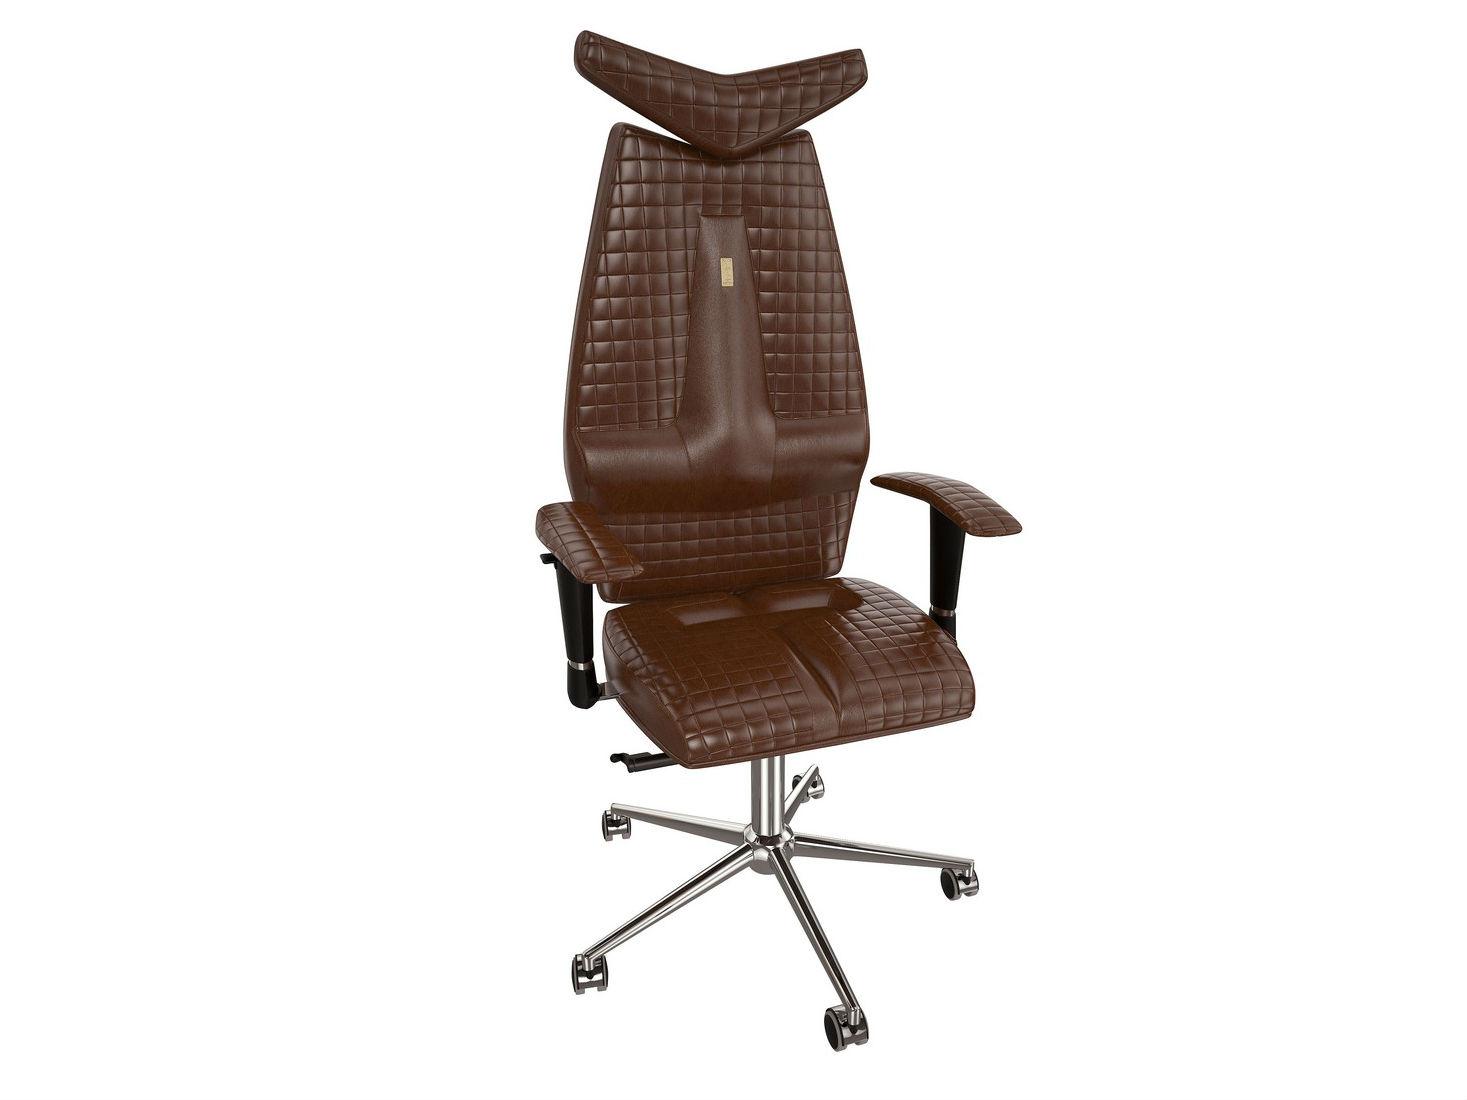 Кресло JETРабочие кресла<br>&amp;lt;div&amp;gt;Идеальное сочетание абсолютного комфорта, уникального дизайна и полезной эргономики. Благодаря четким линиям и необычному графическому контуру эта модель гармонично дополнит как самый современный офис, так и уютный дом.&amp;amp;nbsp;&amp;lt;/div&amp;gt;&amp;lt;div&amp;gt;&amp;lt;br&amp;gt;&amp;lt;/div&amp;gt;&amp;lt;div&amp;gt;Дополнительная комплектация:&amp;amp;nbsp;&amp;lt;/div&amp;gt;&amp;lt;div&amp;gt;Дизайнерский шов, заказ в другом материале и цветеиз палитры образцов.&amp;amp;nbsp;&amp;lt;/div&amp;gt;&amp;lt;div&amp;gt;Информацию по стоимости уточняйте у менеджера.&amp;lt;/div&amp;gt;&amp;lt;br&amp;gt;<br>&amp;lt;iframe width=&amp;quot;500&amp;quot; height=&amp;quot;320&amp;quot; src=&amp;quot;https://www.youtube.com/embed/E7FLCd9bOzU&amp;quot; frameborder=&amp;quot;0&amp;quot; allowfullscreen=&amp;quot;&amp;quot;&amp;gt;&amp;lt;/iframe&amp;gt;<br>&amp;lt;br&amp;gt;<br>&amp;lt;iframe width=&amp;quot;500&amp;quot; height=&amp;quot;320&amp;quot; src=&amp;quot;https://www.youtube.com/embed/u0Qrb5hXiB0&amp;quot; frameborder=&amp;quot;0&amp;quot; allowfullscreen=&amp;quot;&amp;quot;&amp;gt;&amp;lt;/iframe&amp;gt;<br><br>Material: Кожа<br>Ширина см: 72.0<br>Высота см: 128.0<br>Глубина см: 61.0